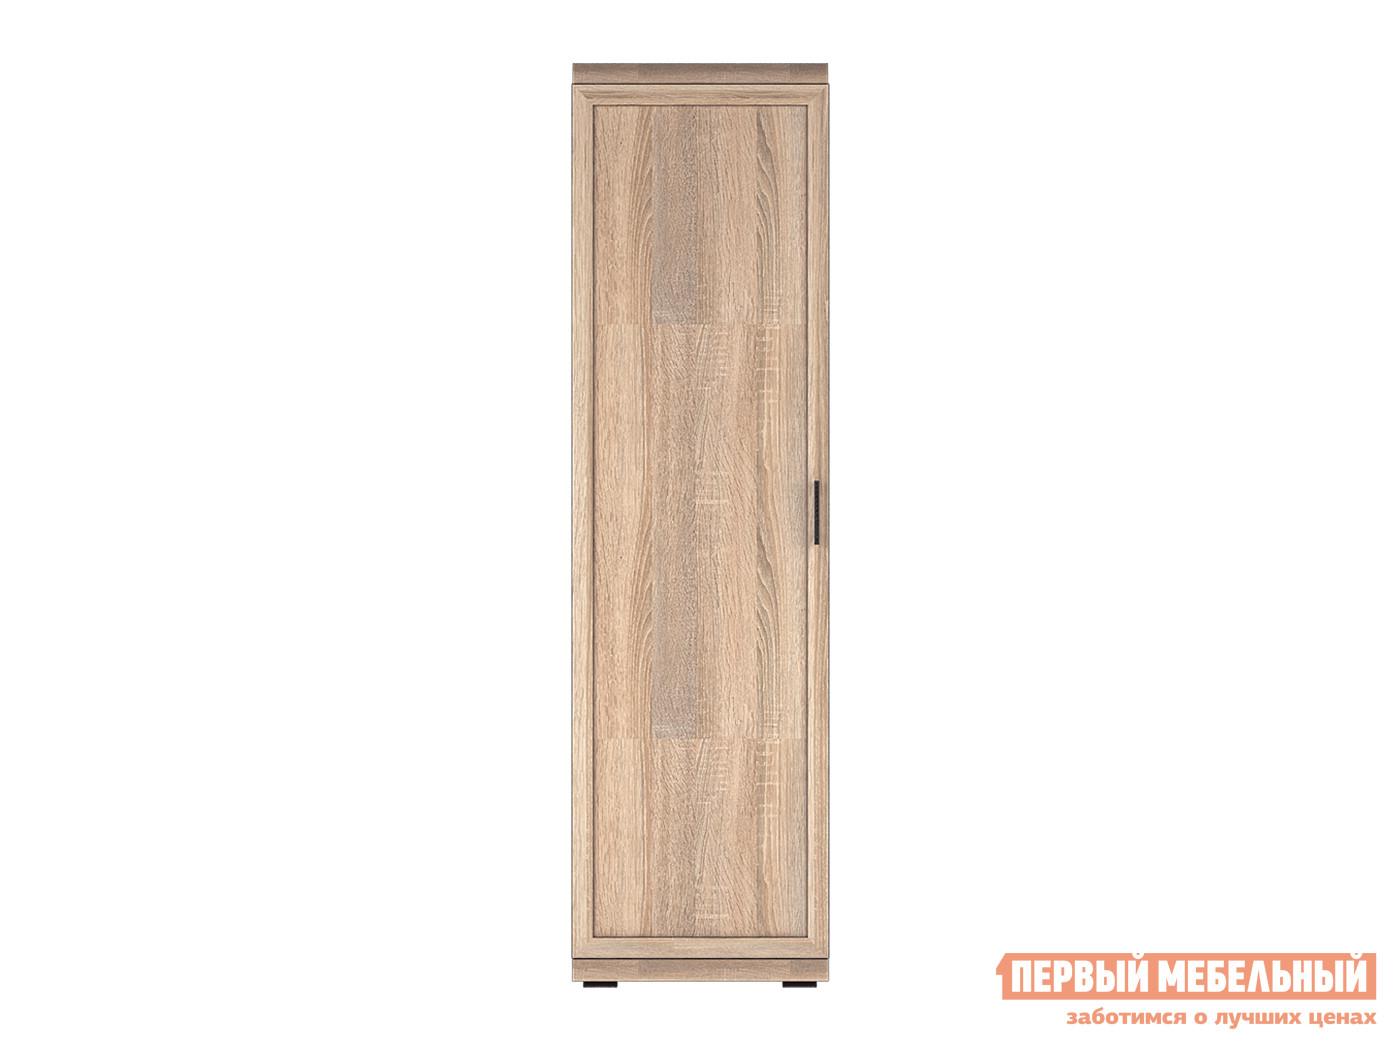 Шкаф для одежды Первый Мебельный Вега Прованс 4 шкаф комбинированный прованс нм 009 23